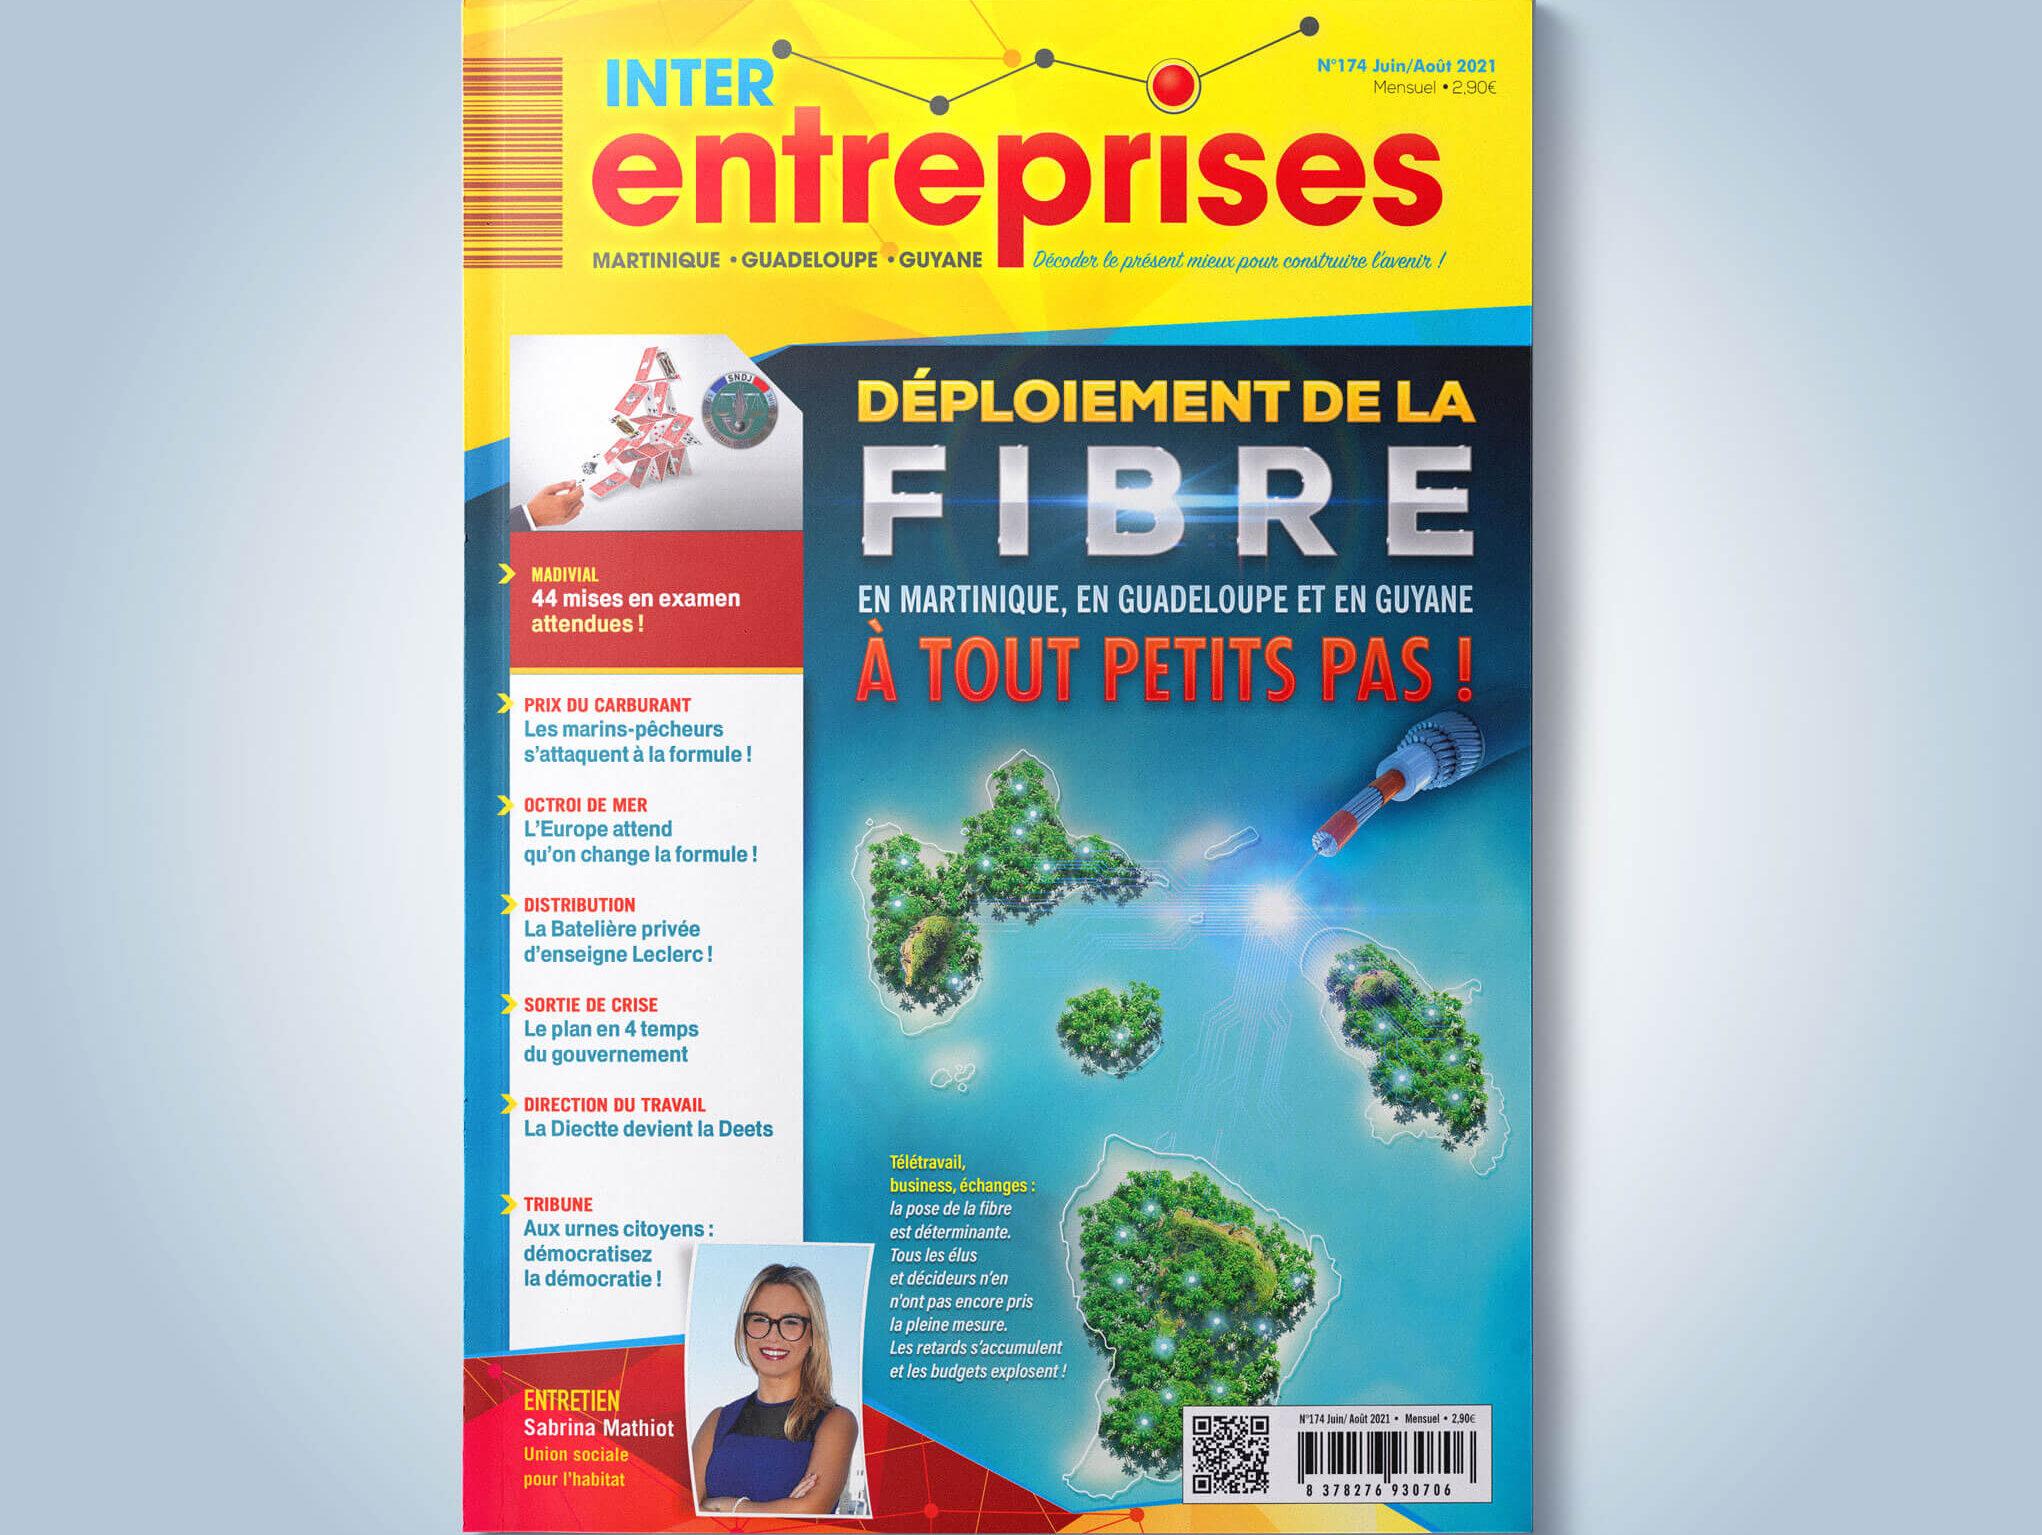 Déploiement de la fibre en Martinique, en Guadeloupe et en Guyane à tout petits pas !